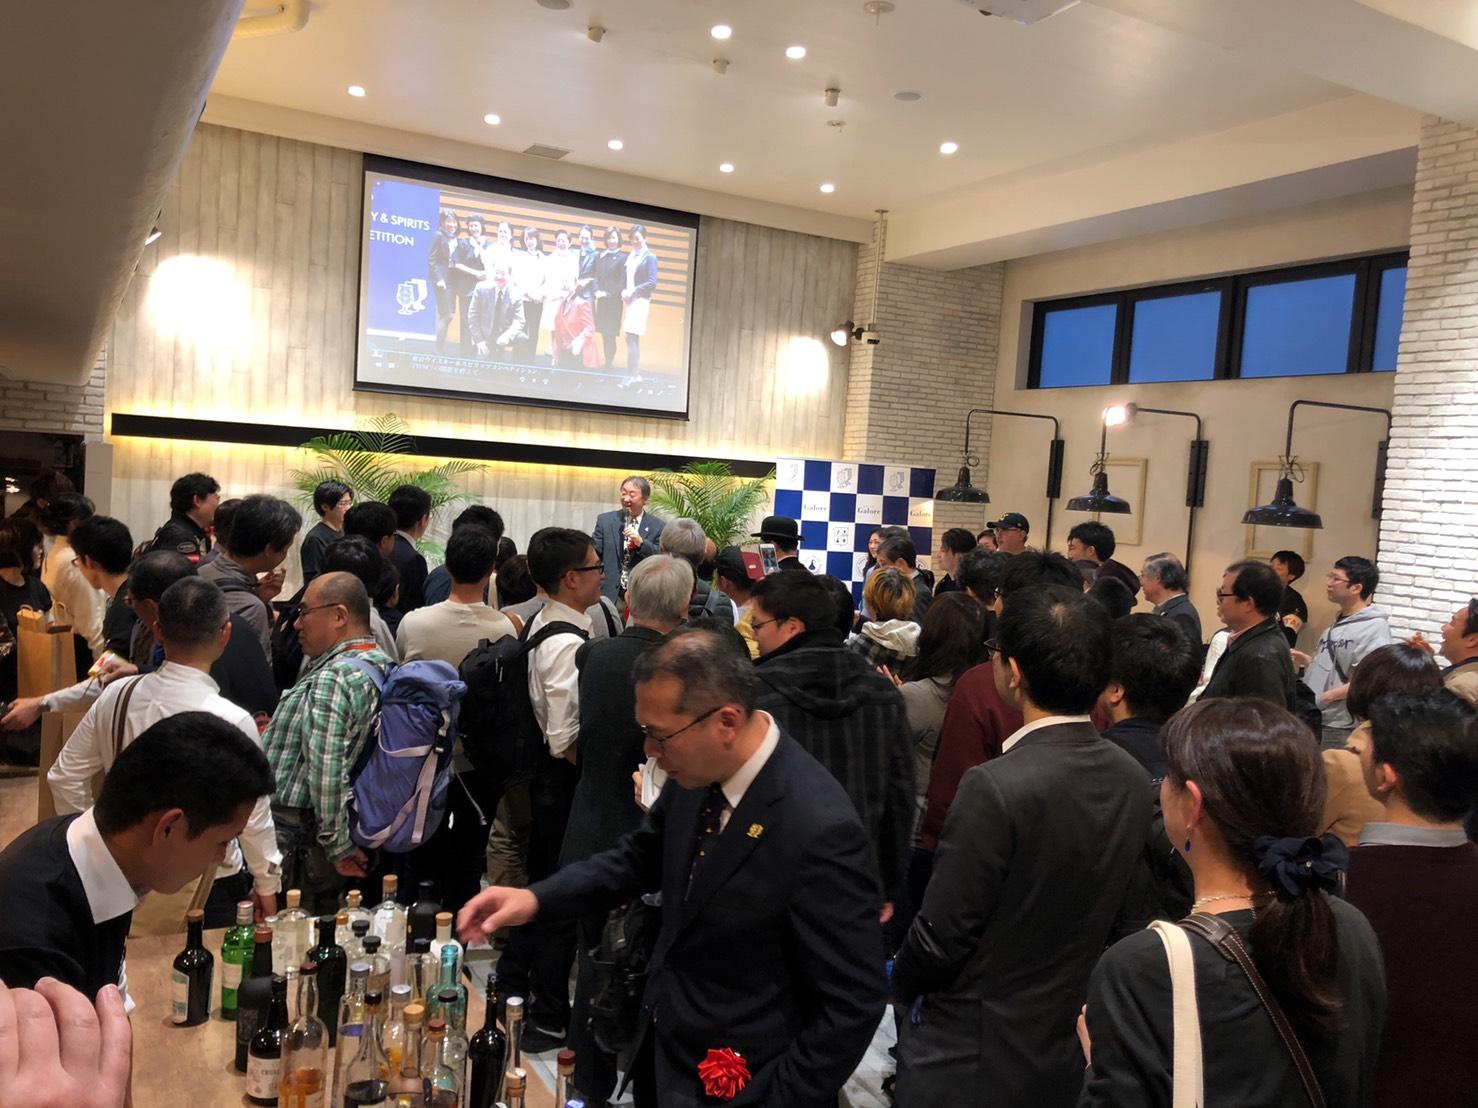 ウイスキー文化研究所様がEBISU SHOW ROOMでイベント開催!|TIME SHARING|タイムシェアリング |スペースマネジメント|あどばる|adval|SHARING